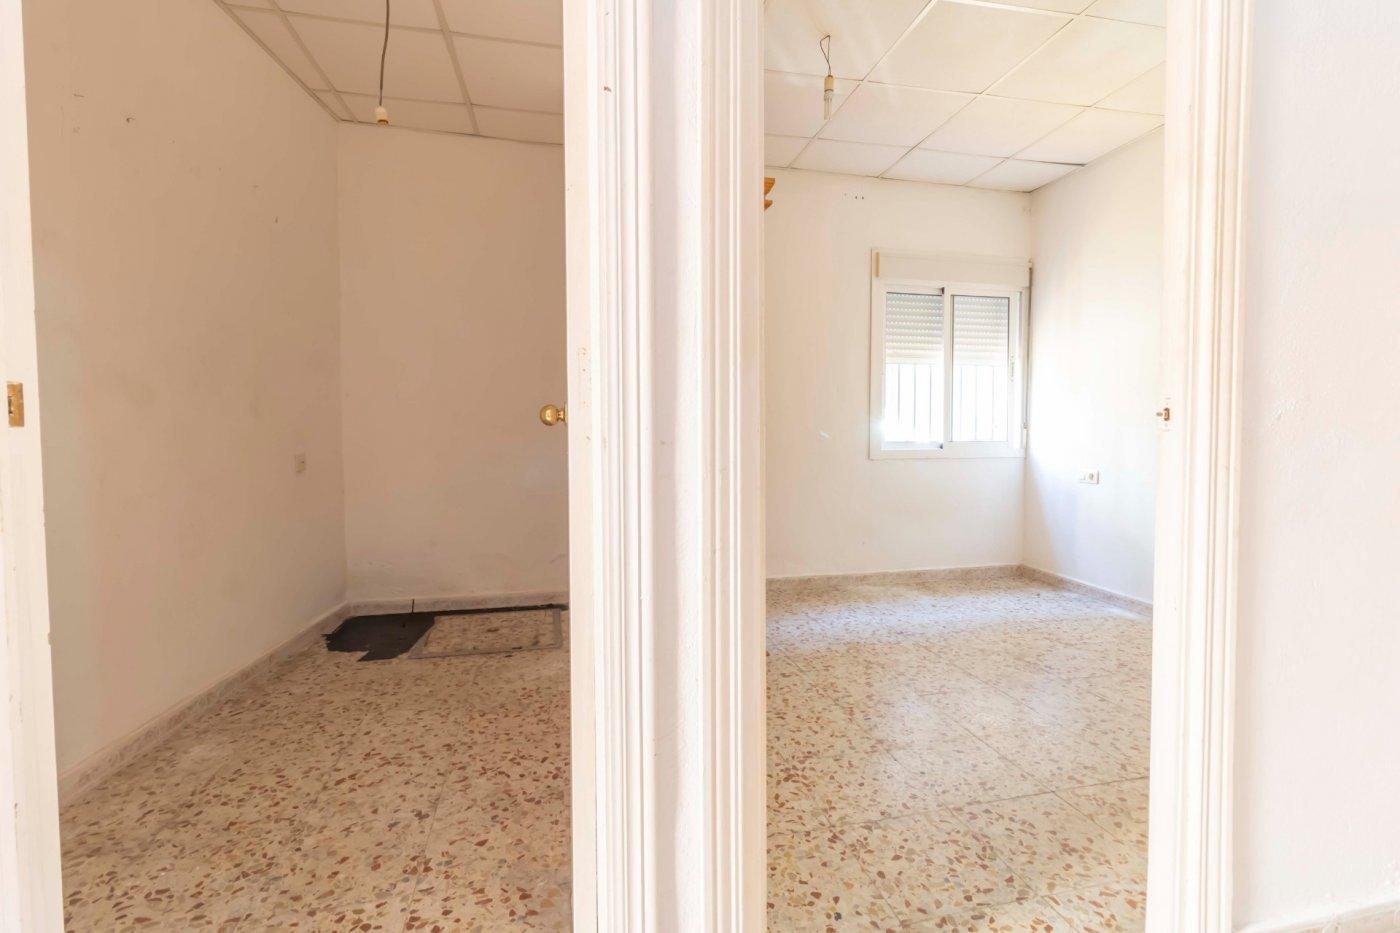 2 pisos a la venta por el precio de uno en zona padre pÍo - imagenInmueble22